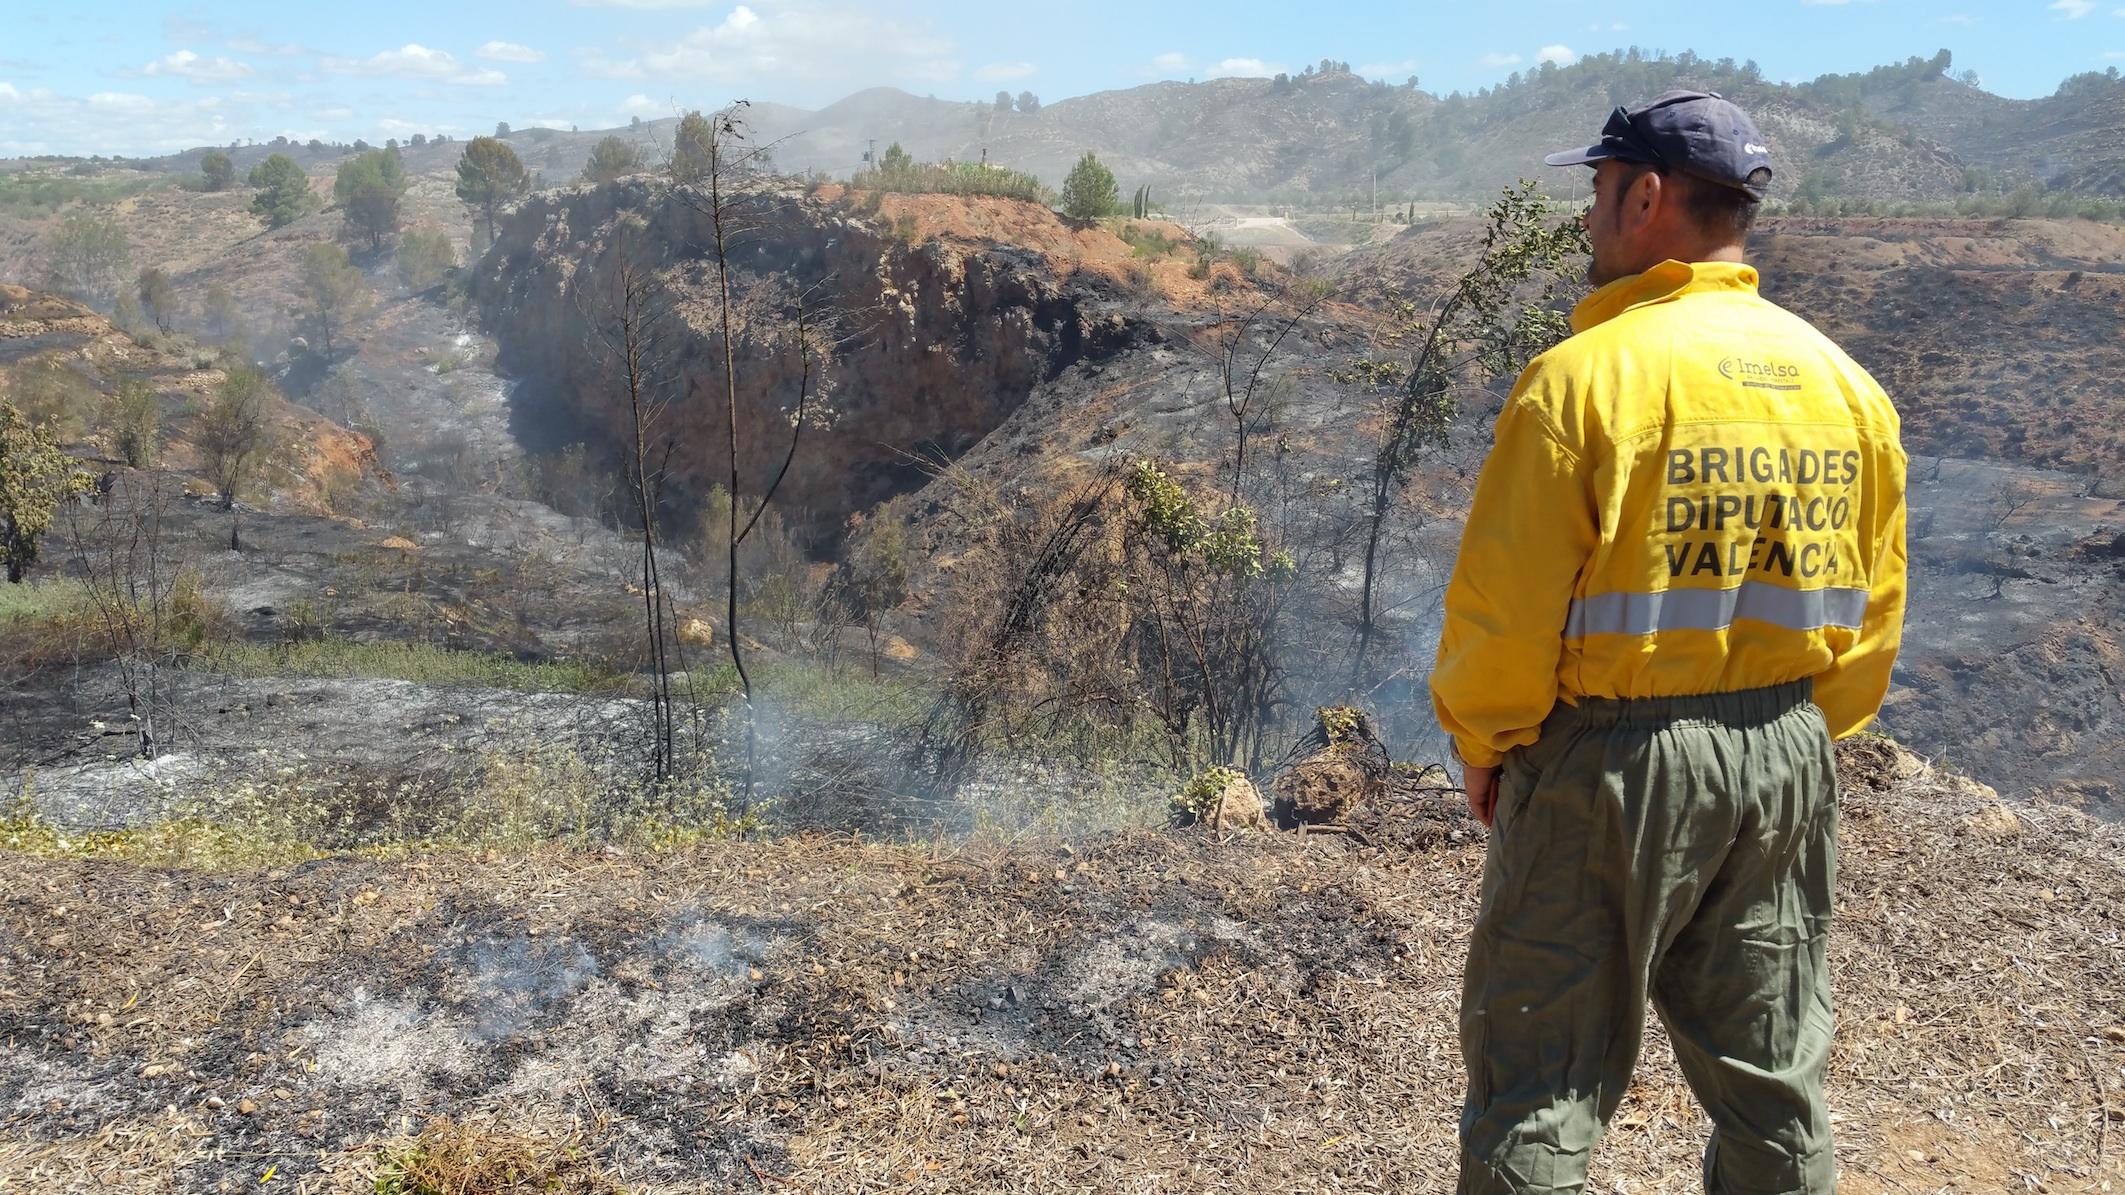 Un brigadista vigila uno de los perímetros afectados por un incendio.